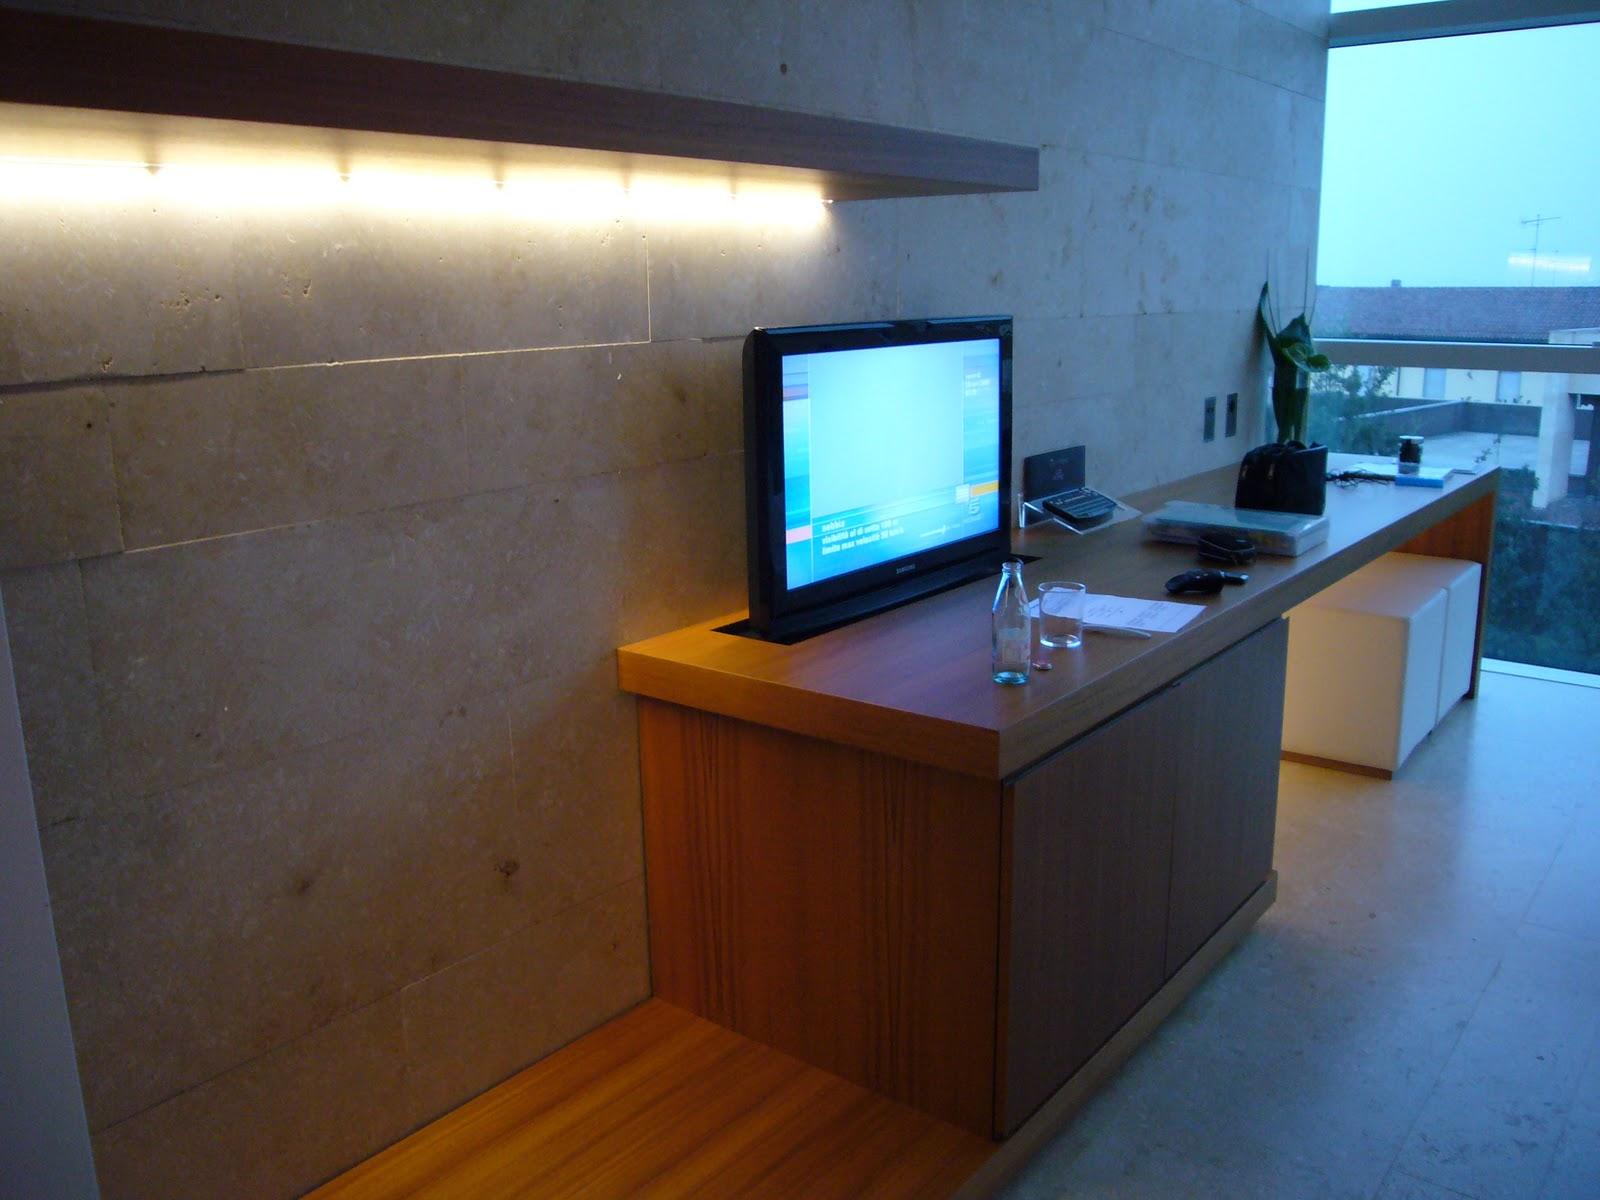 come arredare casa: arredamento minimalista - Arredamento Minimalista Casa